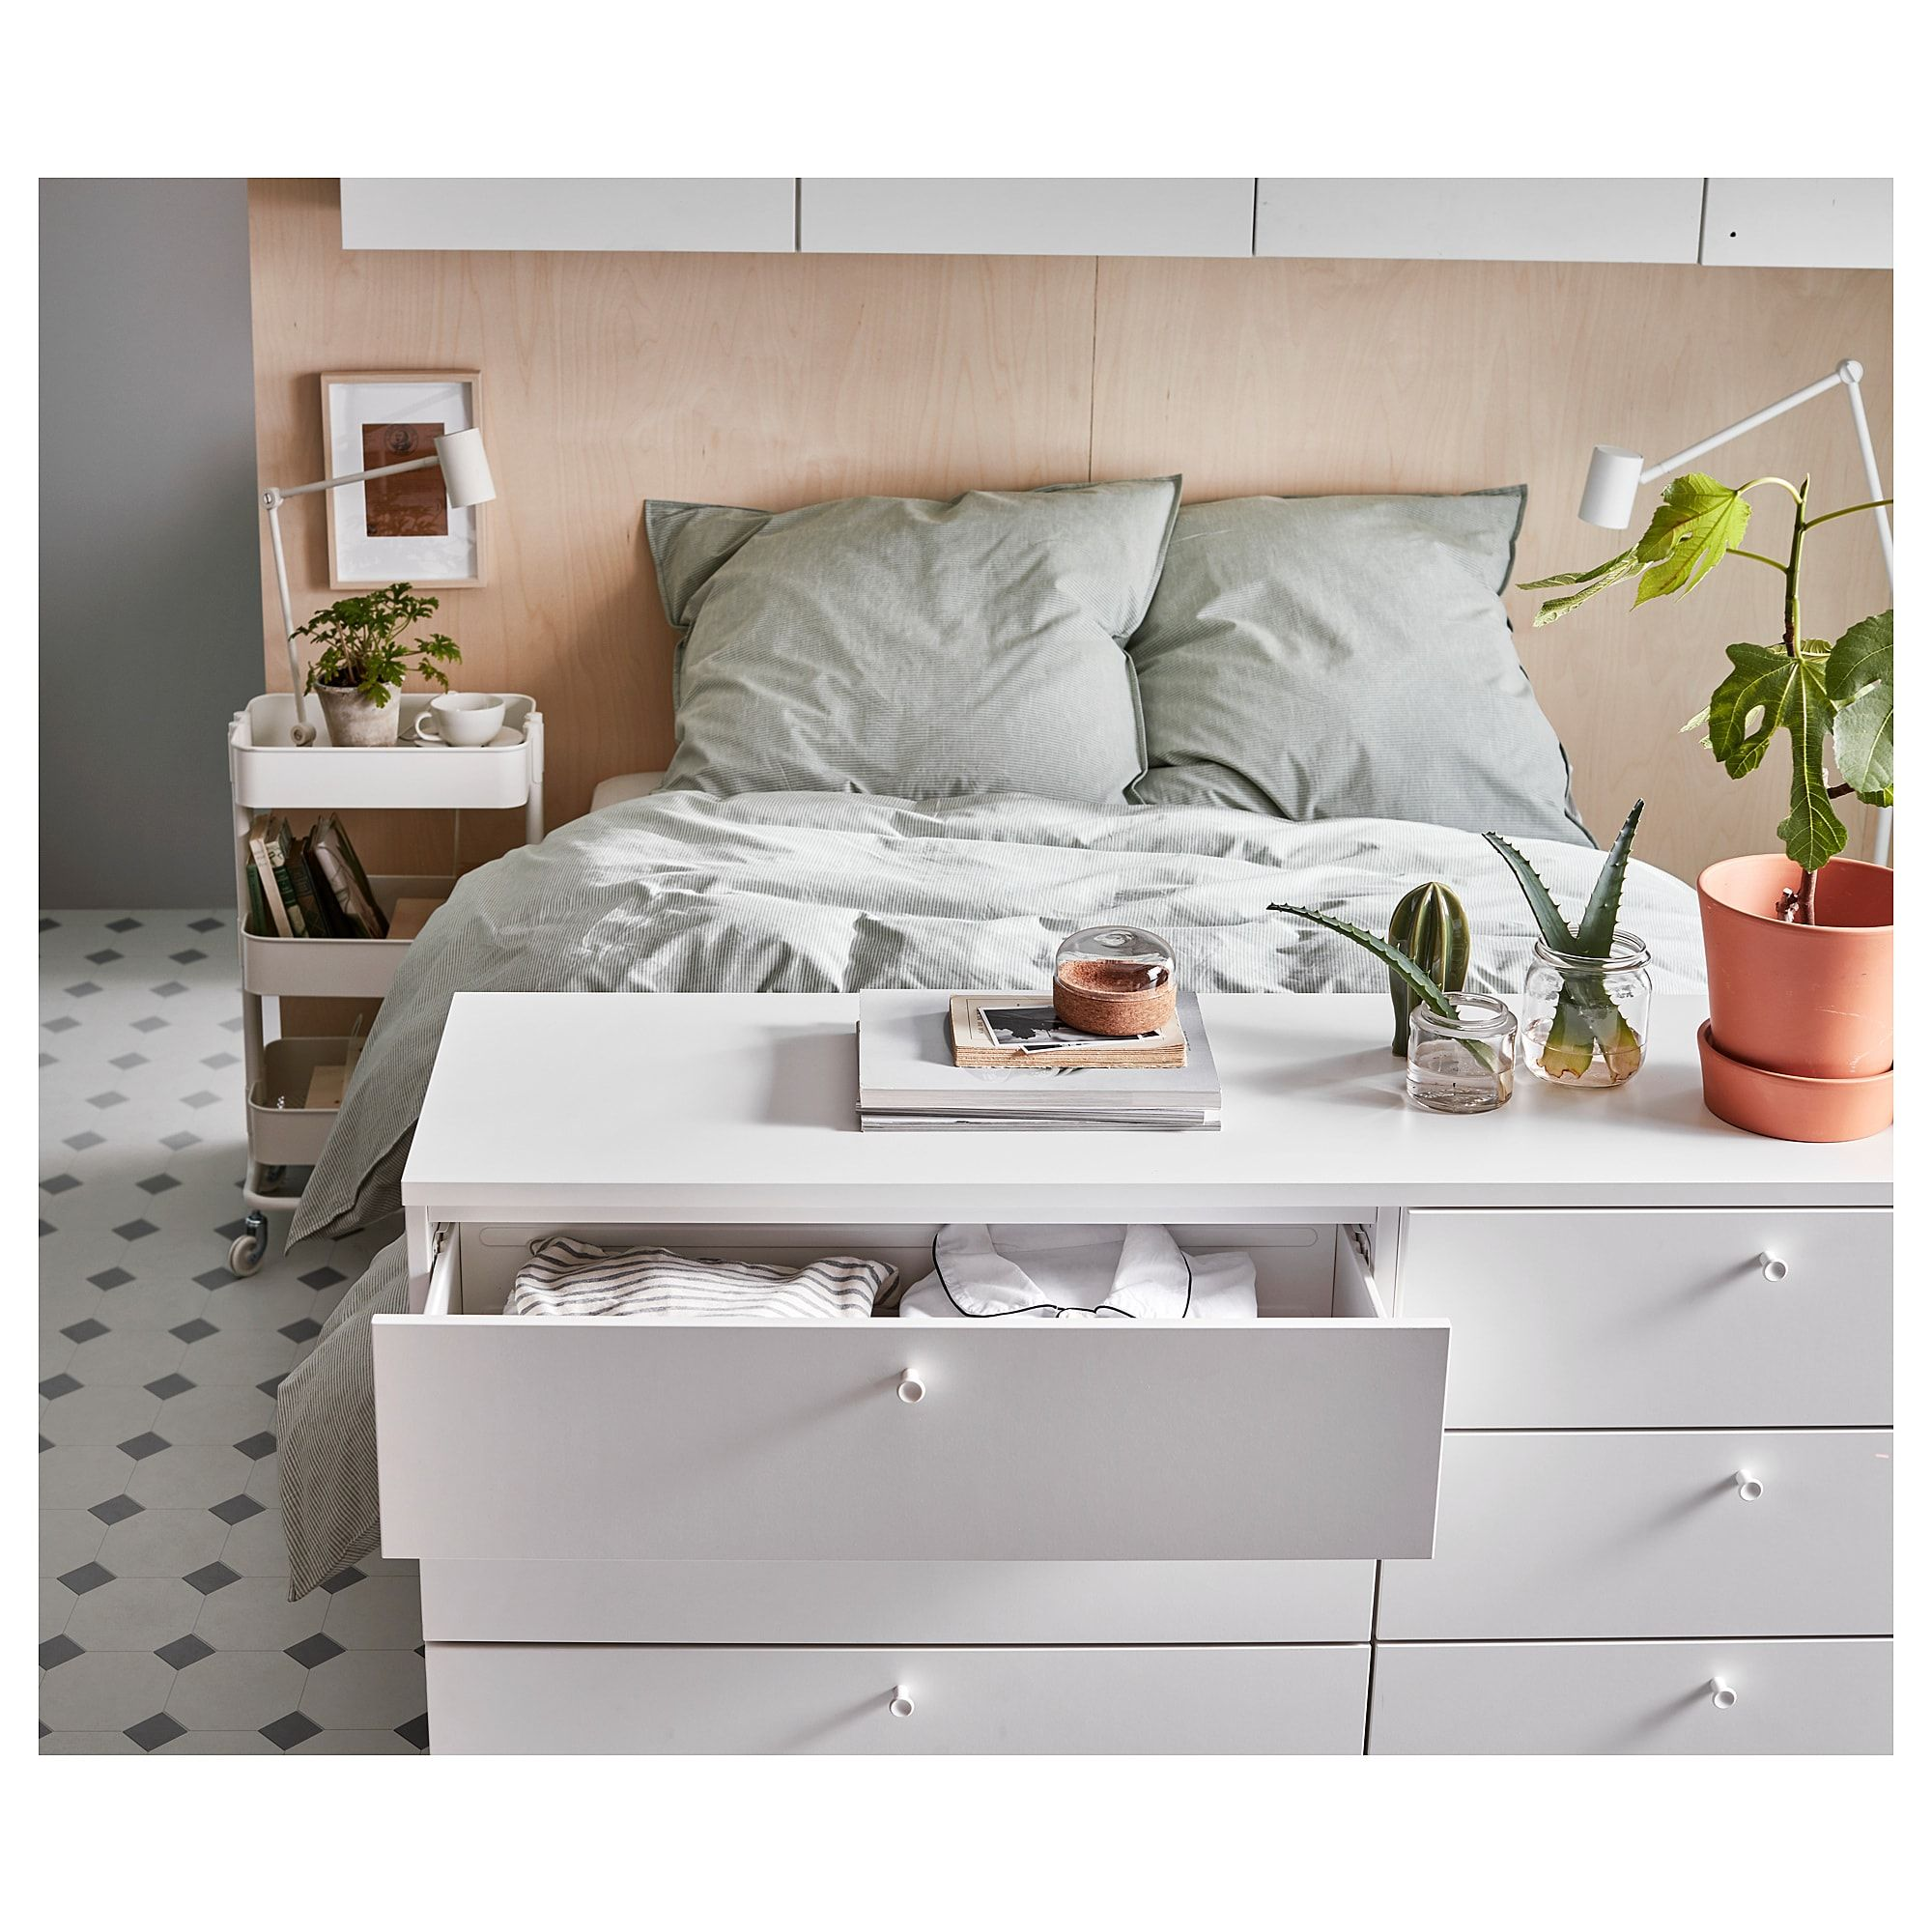 Platsa Bettgestell Mit 10 Schubladen Weiss Fonnes Ikea Osterreich Bettgestell Wohnung Bett